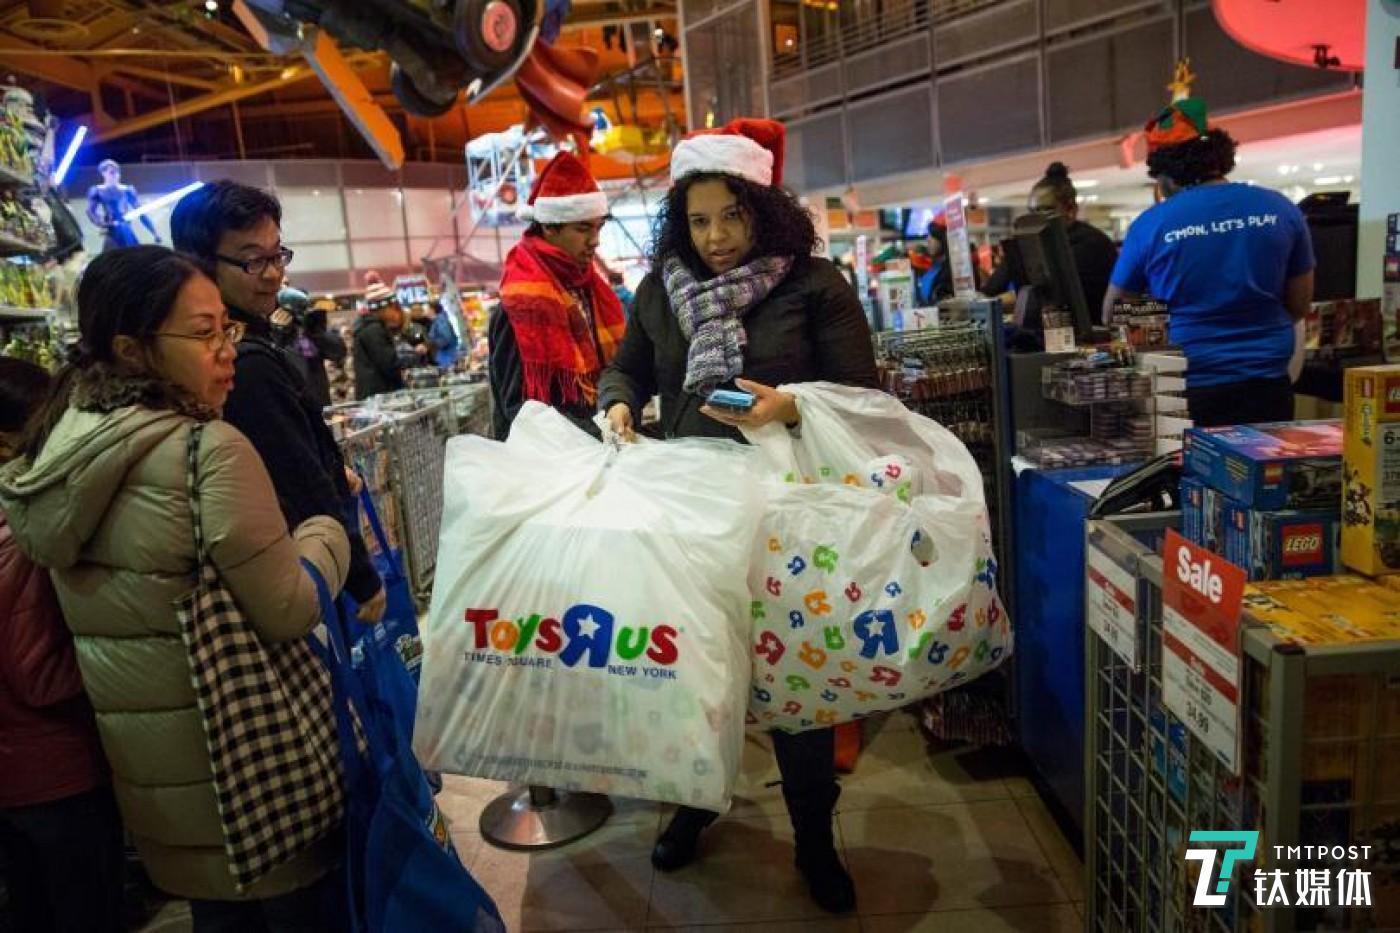 顾客在Toys R Us进行圣诞采购。图片来源/ibtimes